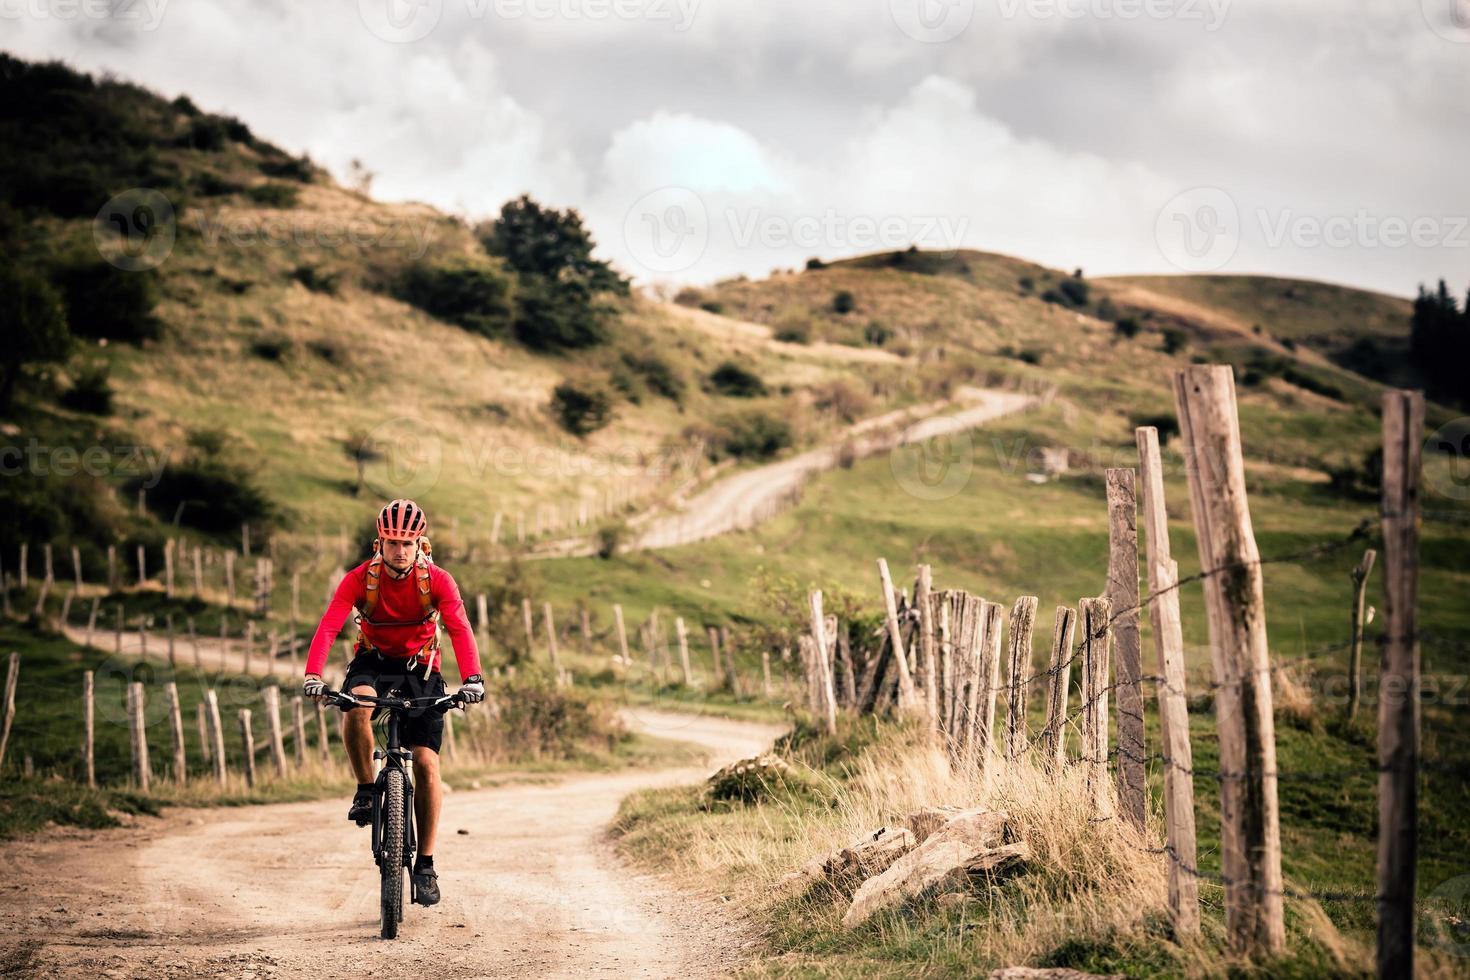 mountain bike a cavallo nel suggestivo paesaggio autunnale foto